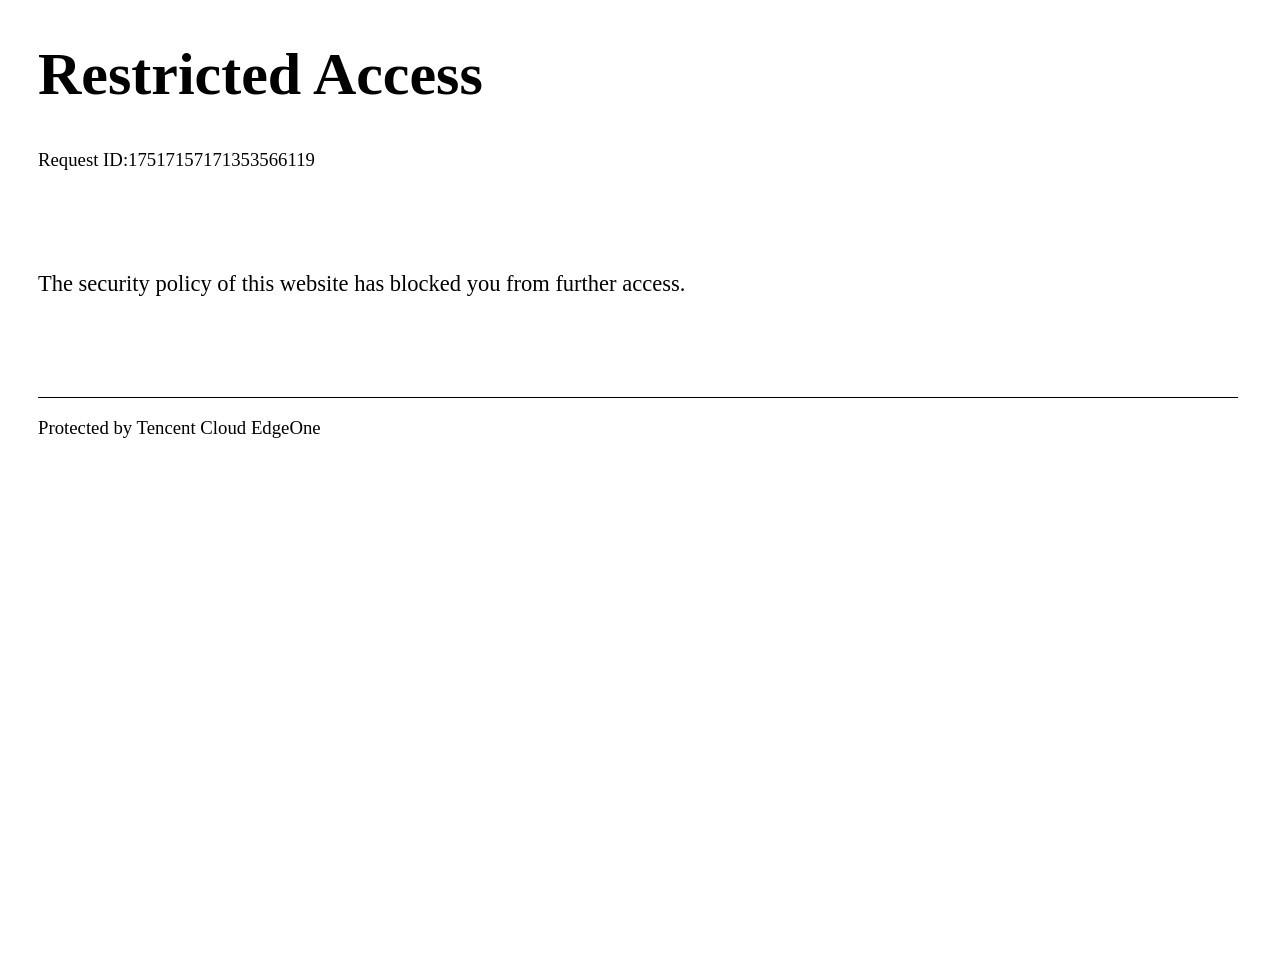 中国证券业协会网截图